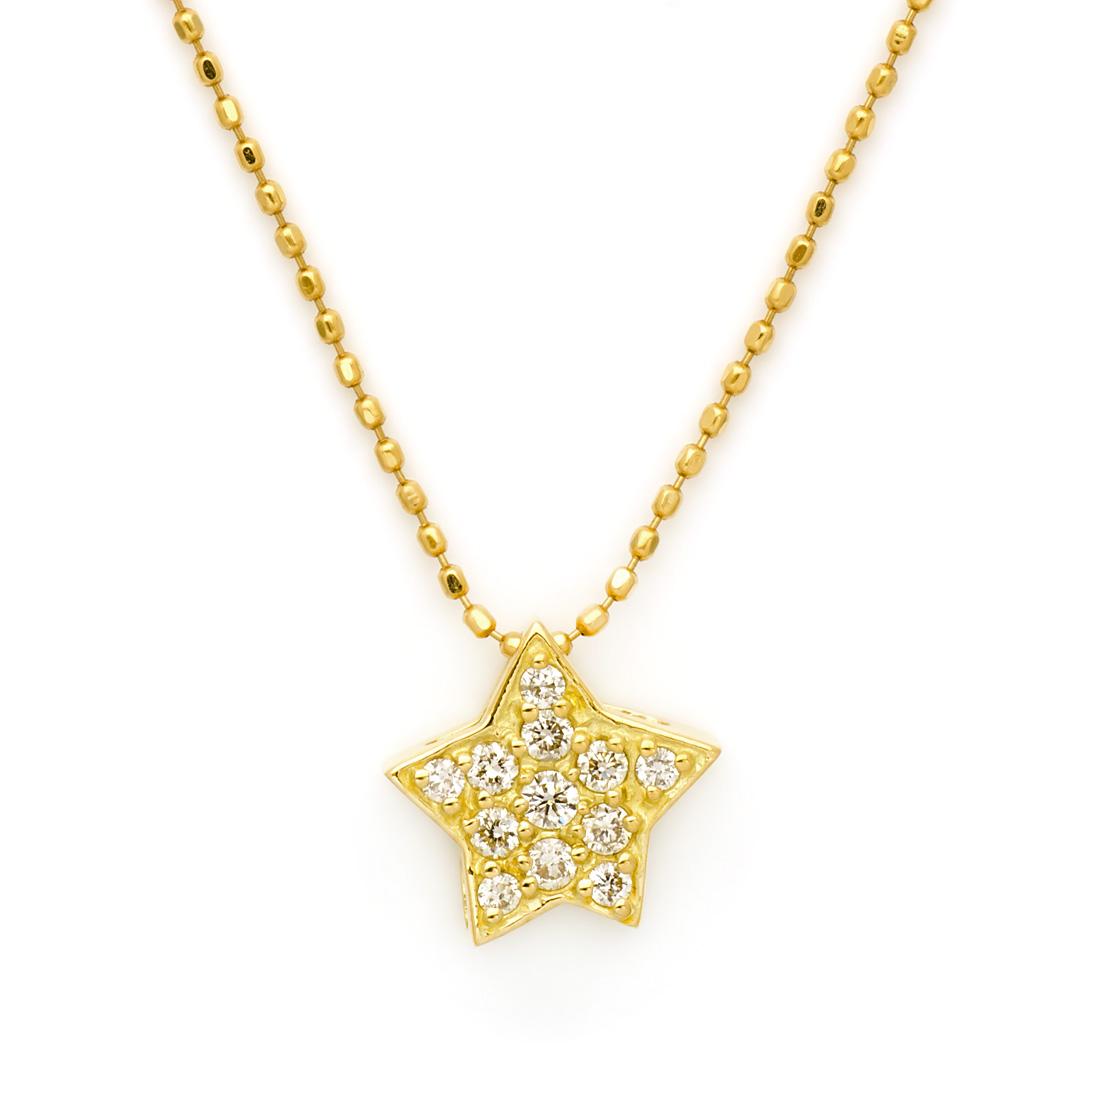 K18 ダイヤモンド 0.15ct スターモチーフ ペンダントトップ 「astro」送料無料 ネックレス ゴールド 18K 18金 ダイアモンド 誕生日 4月誕生石 記念日 メッセージ ギフト 贈り物